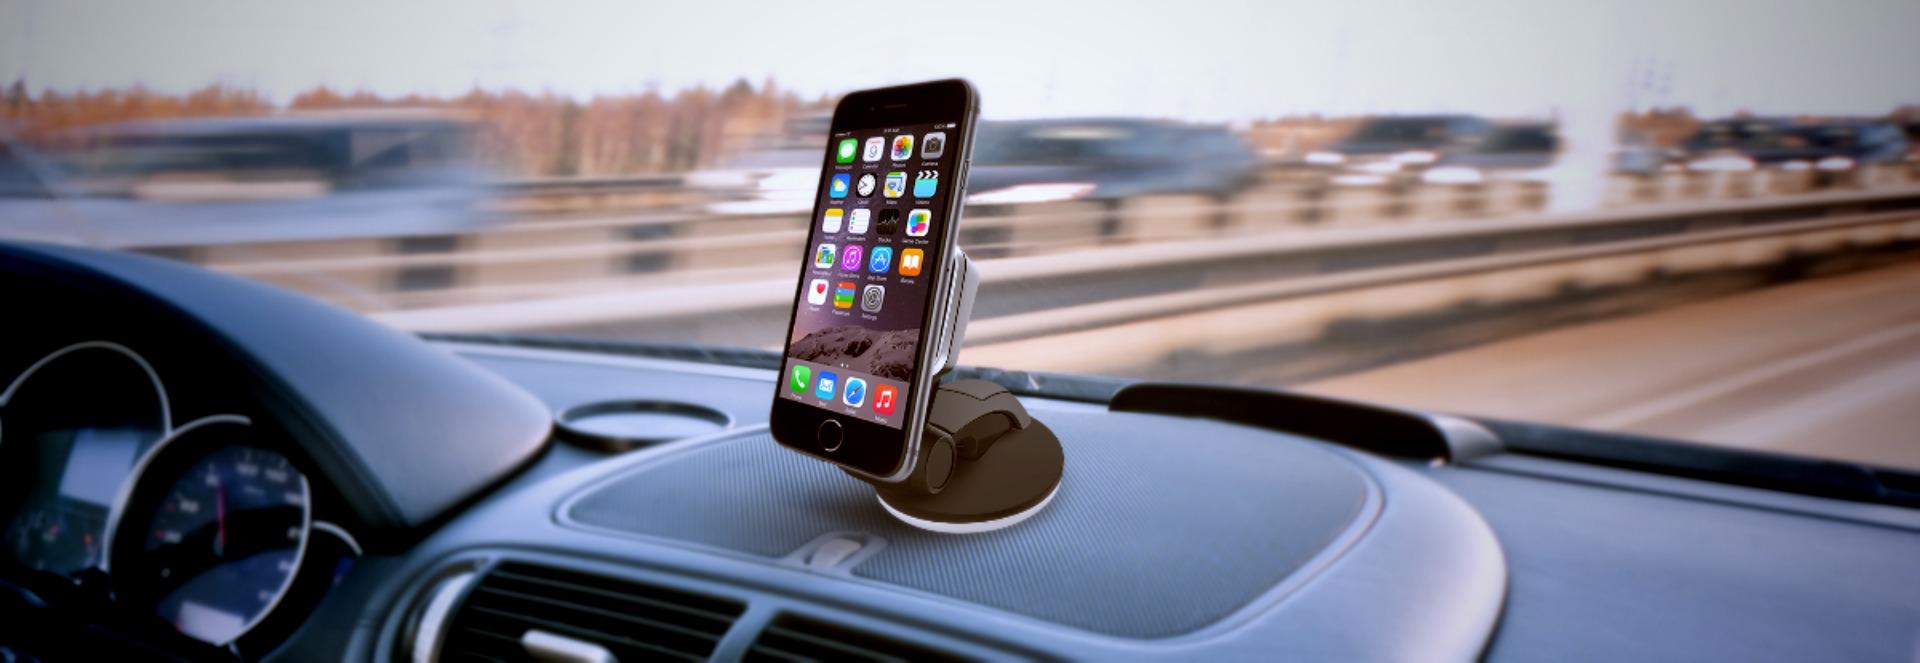 Магнитный держатель телефона Onetto Easy Flex Magent Suction Cup